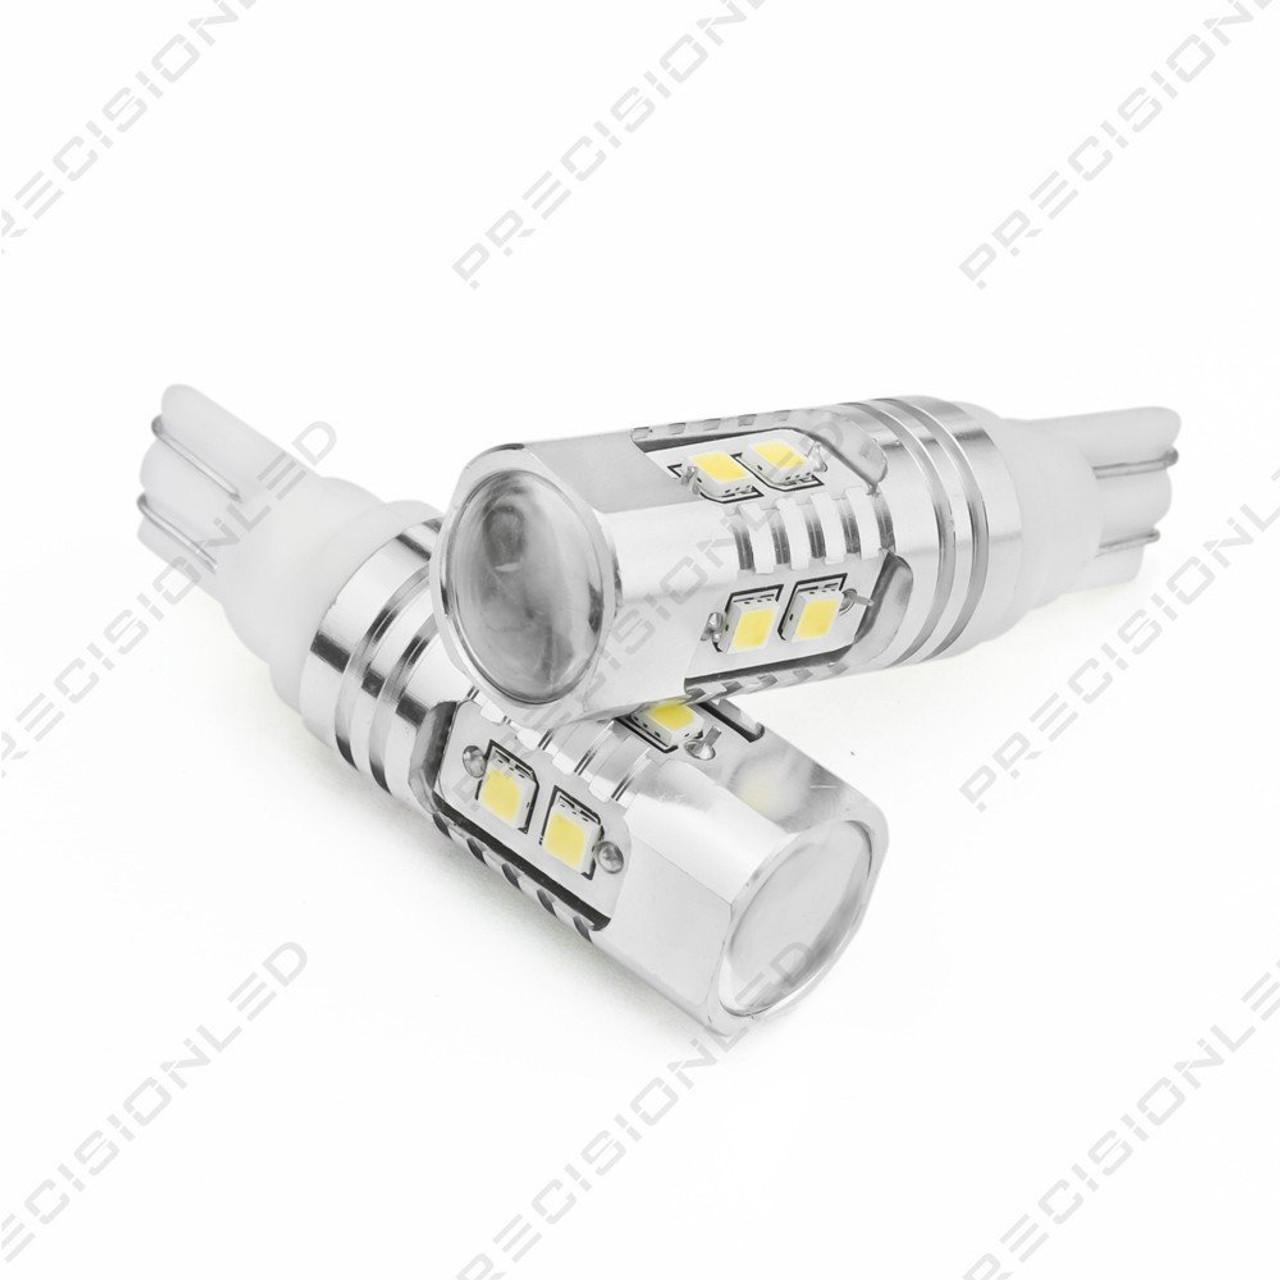 Pontiac Grand Prix Sedan LED Backup Reverse Lights (1988-1996)